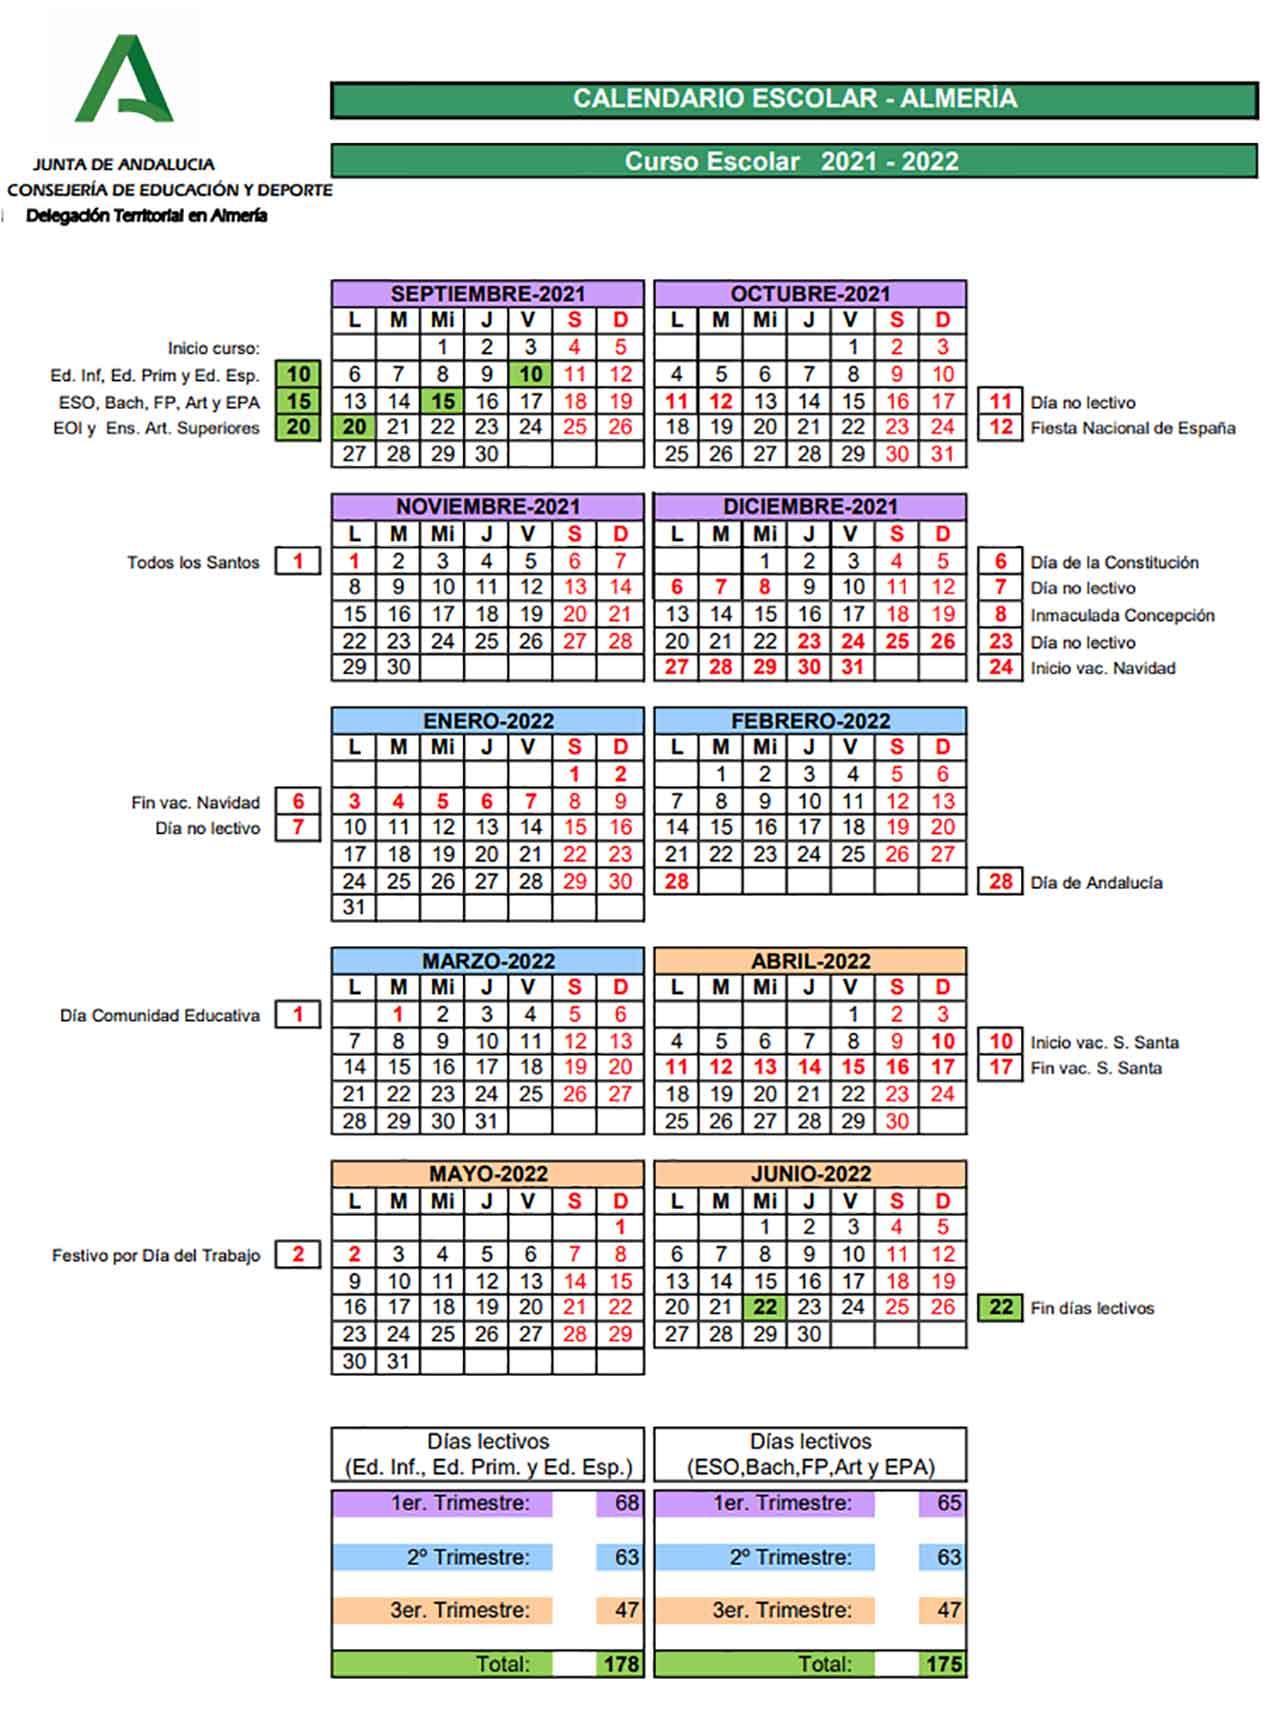 Calendario escolar Almería 2021-2022